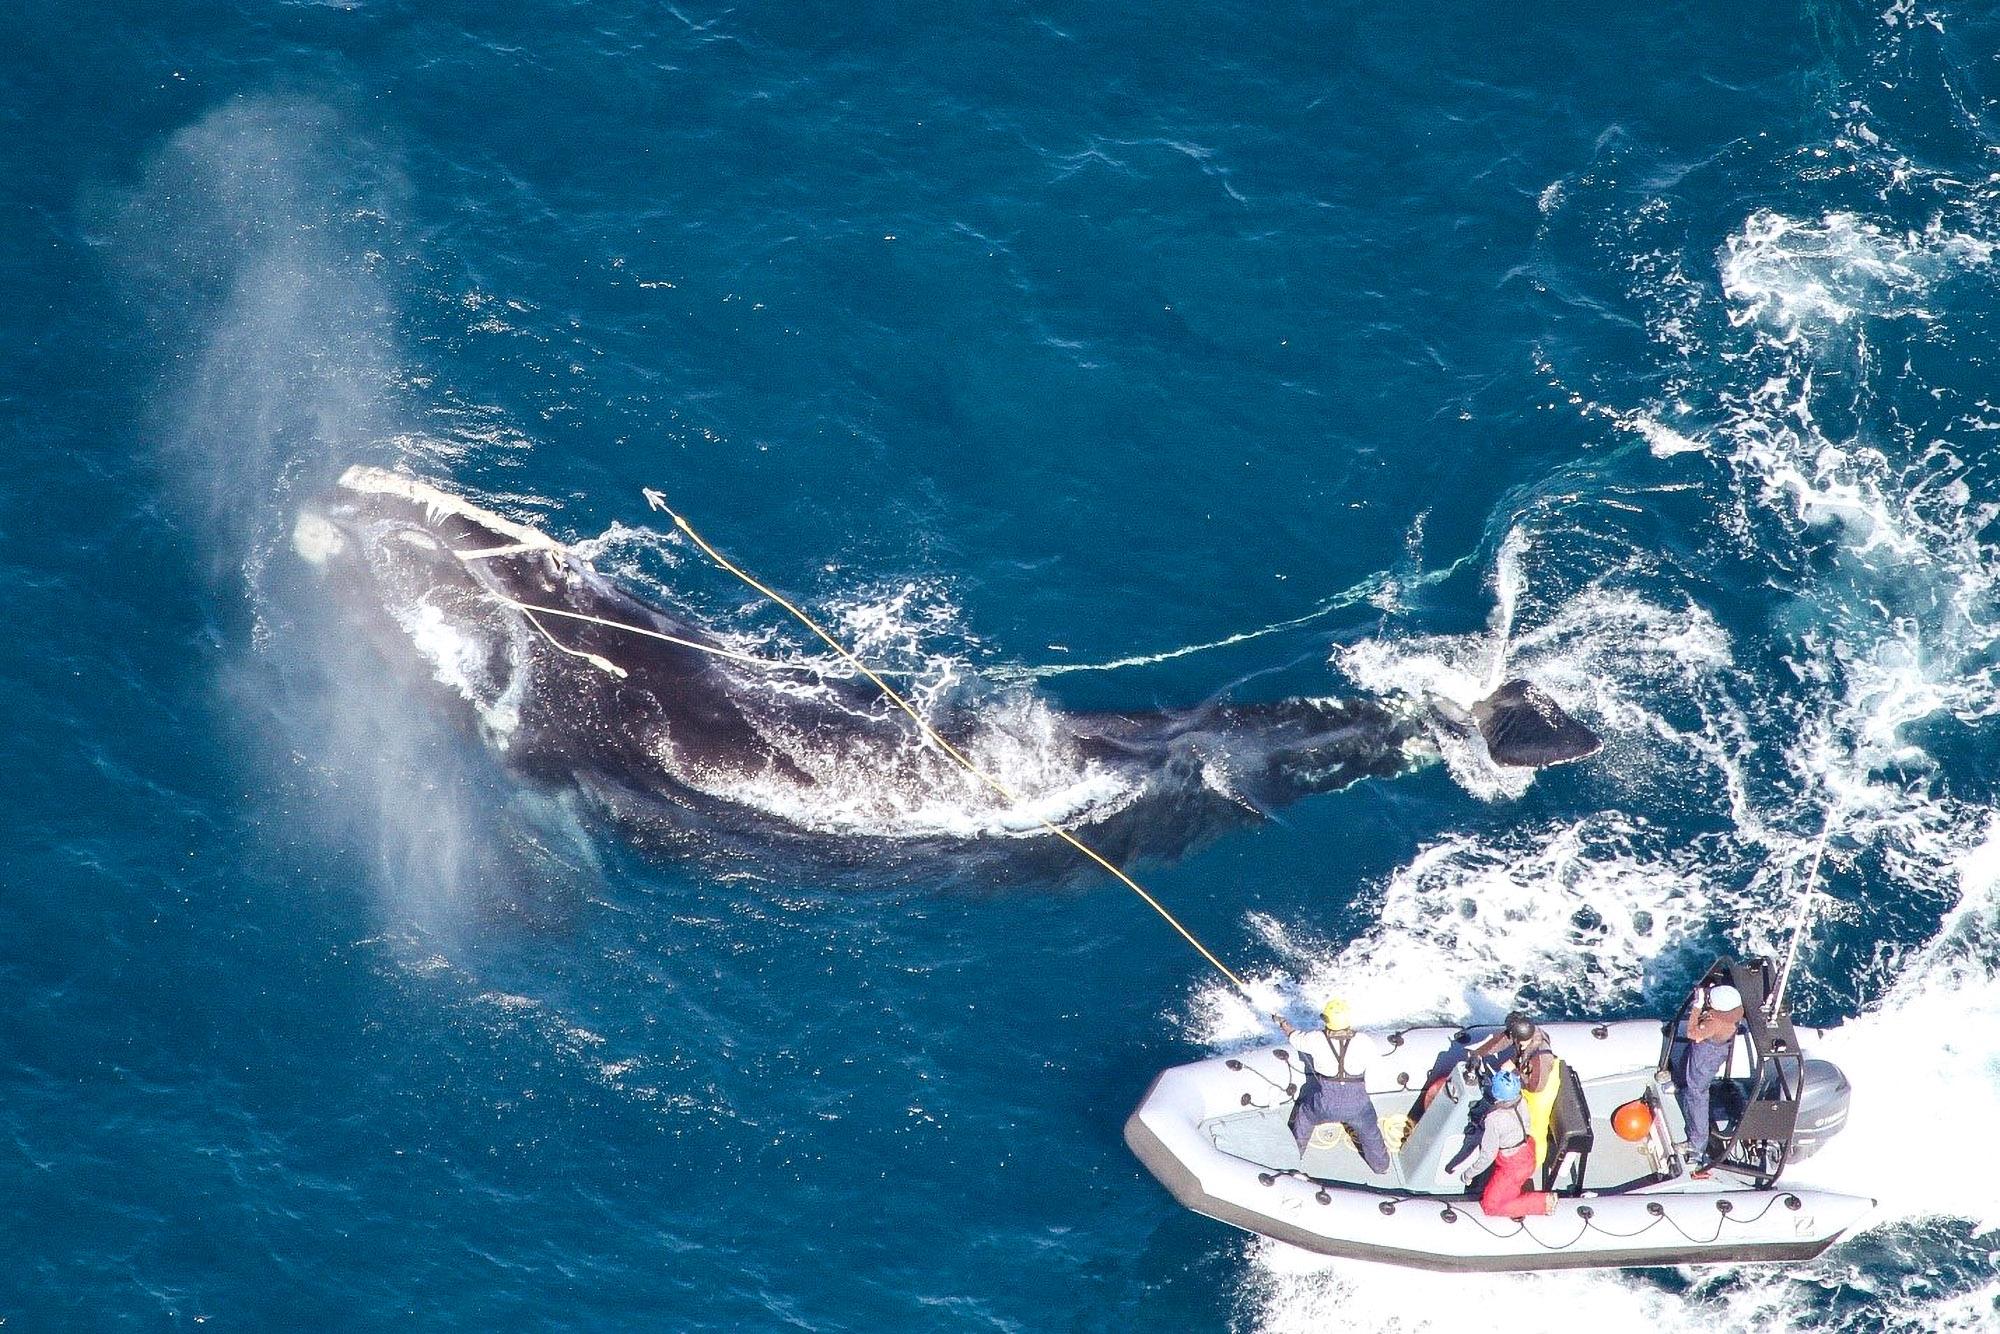 VIDEO: El calentamiento global lleva a las ballenas árticas a aguas peligrosas